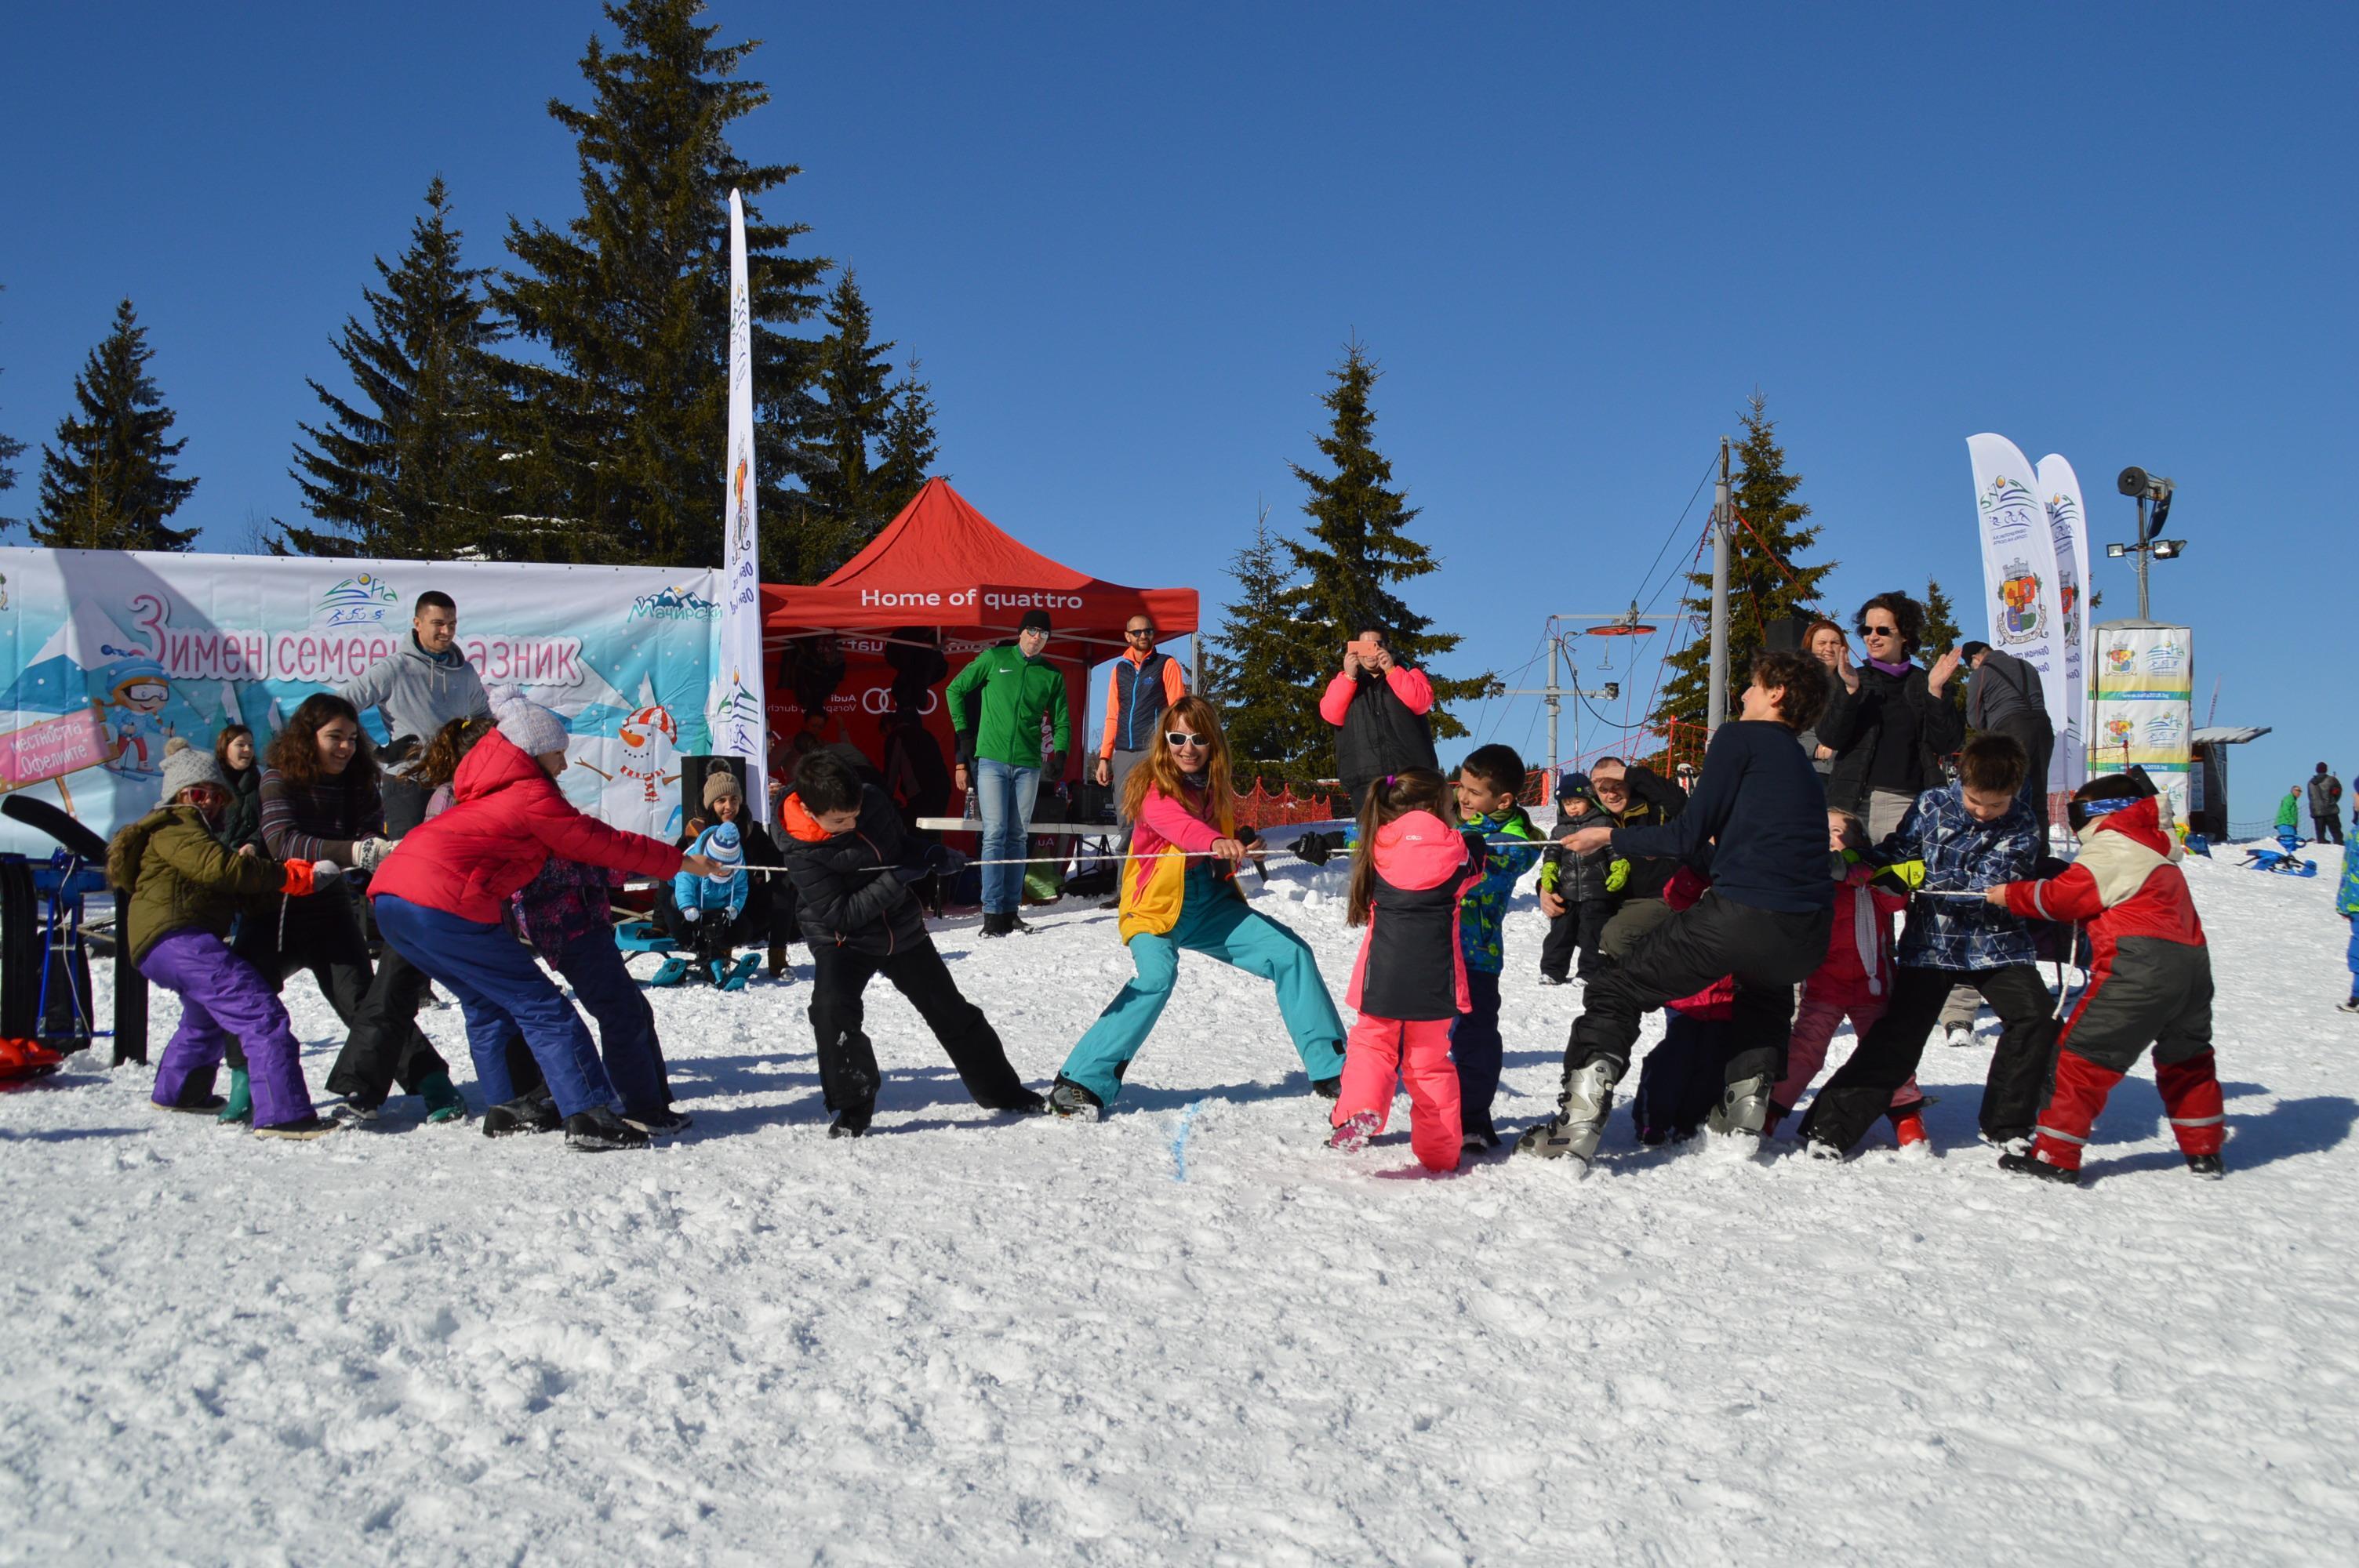 Зимен семеен фестивал на Витоша